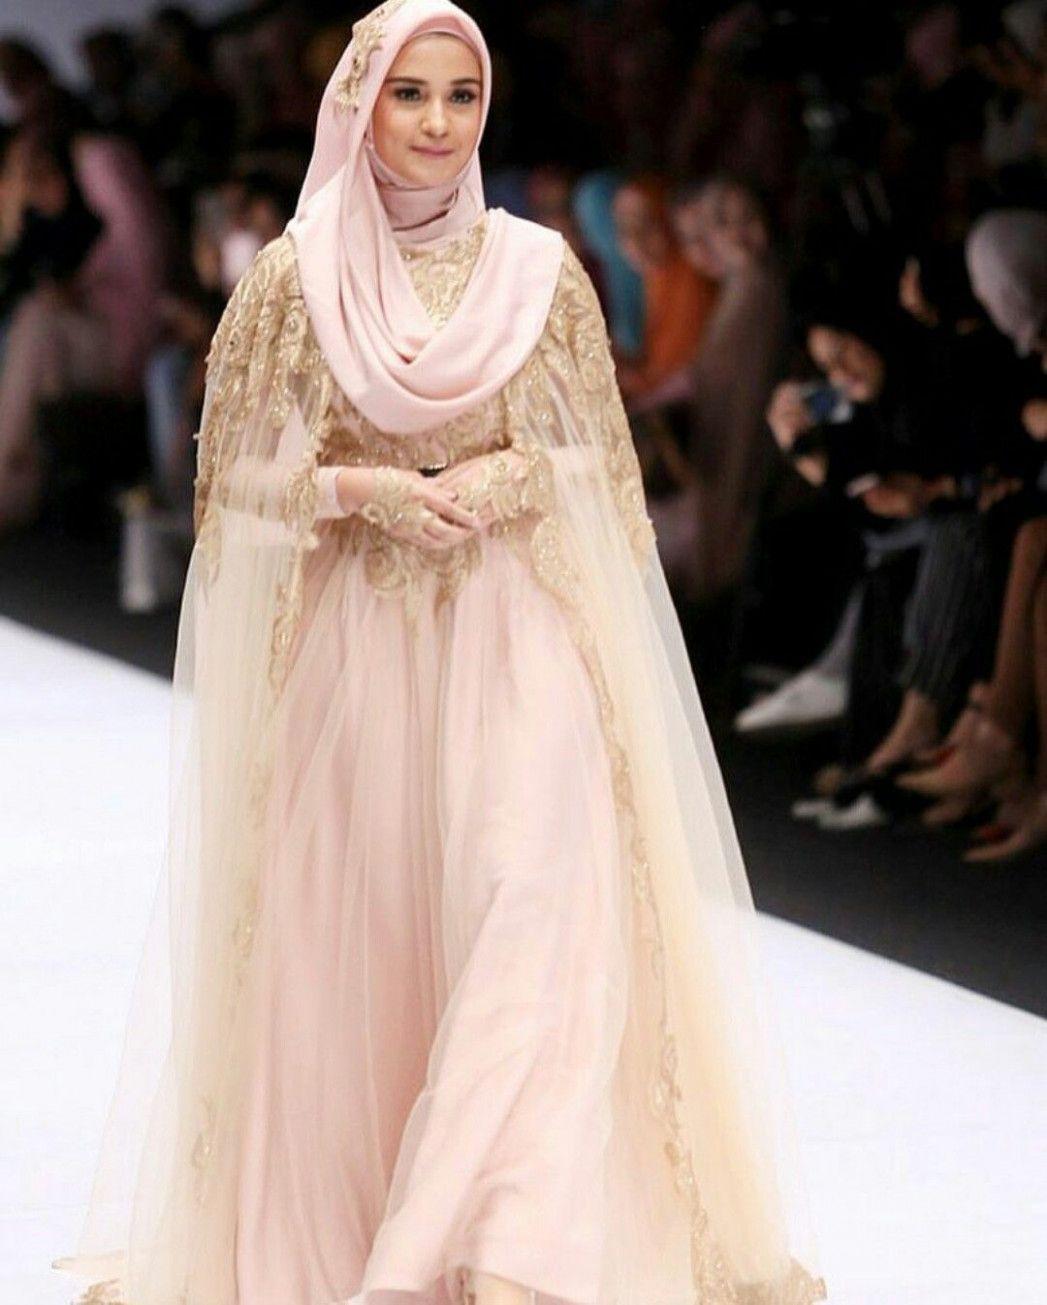 wedding outfit hijab modest fashion - i like the idea of a